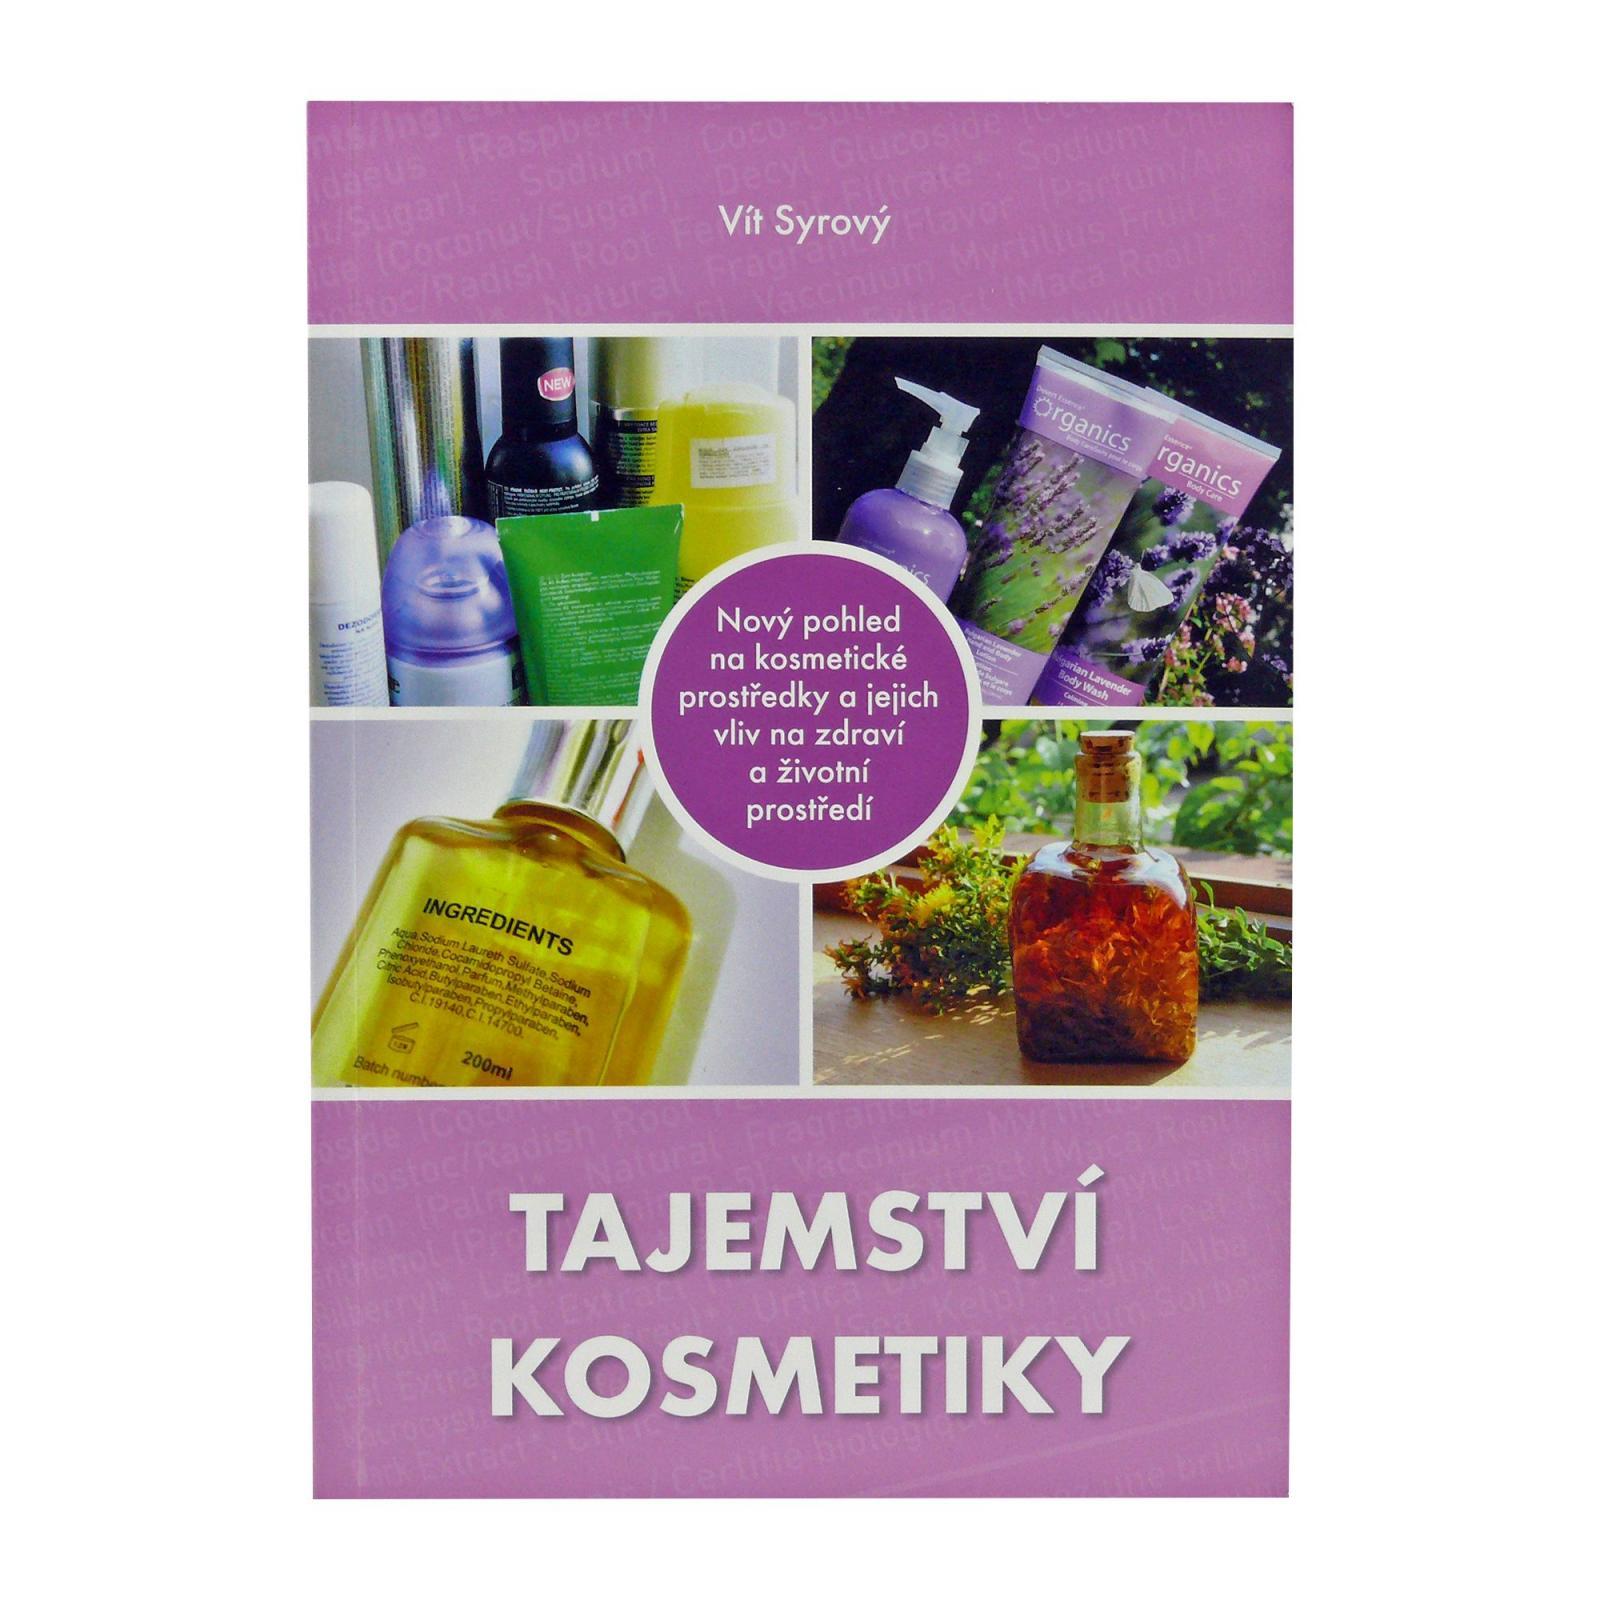 ostatní Tajemství kosmetiky, Vít Syrový 206 stran